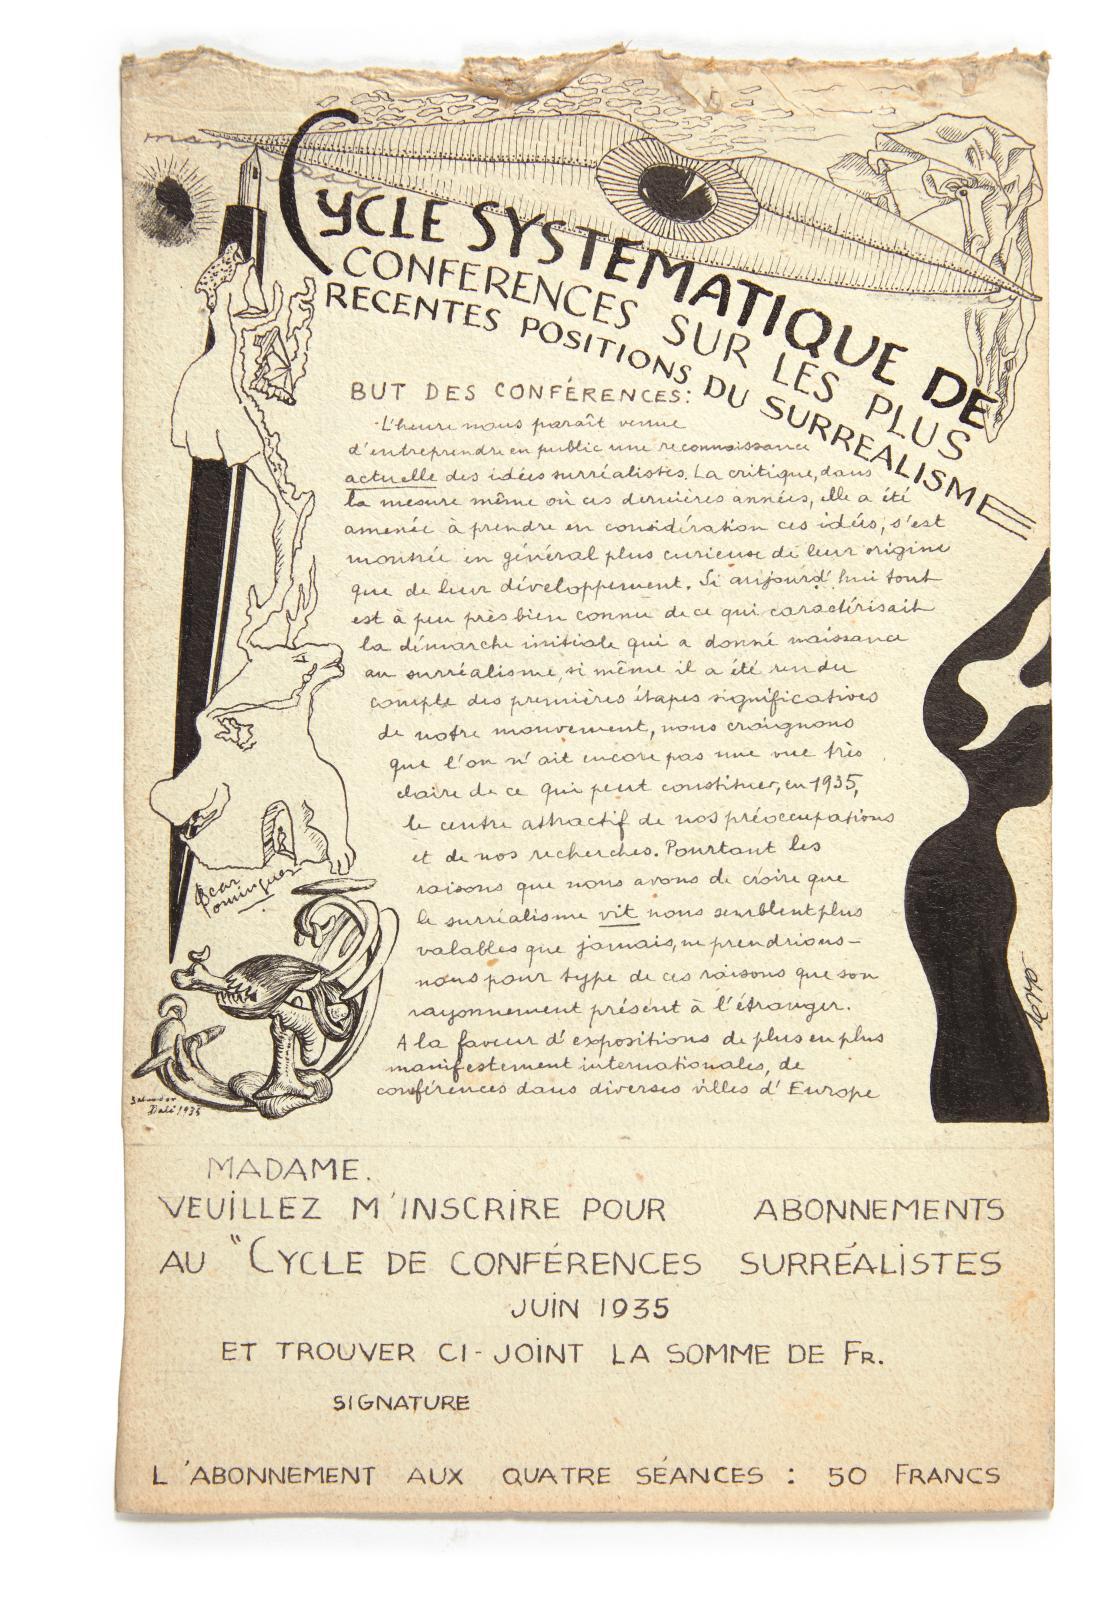 André Breton (1896-1966), Cycle systématique de conférences sur les plus récentes positions du surréalisme, 1935, manuscrit autographe du